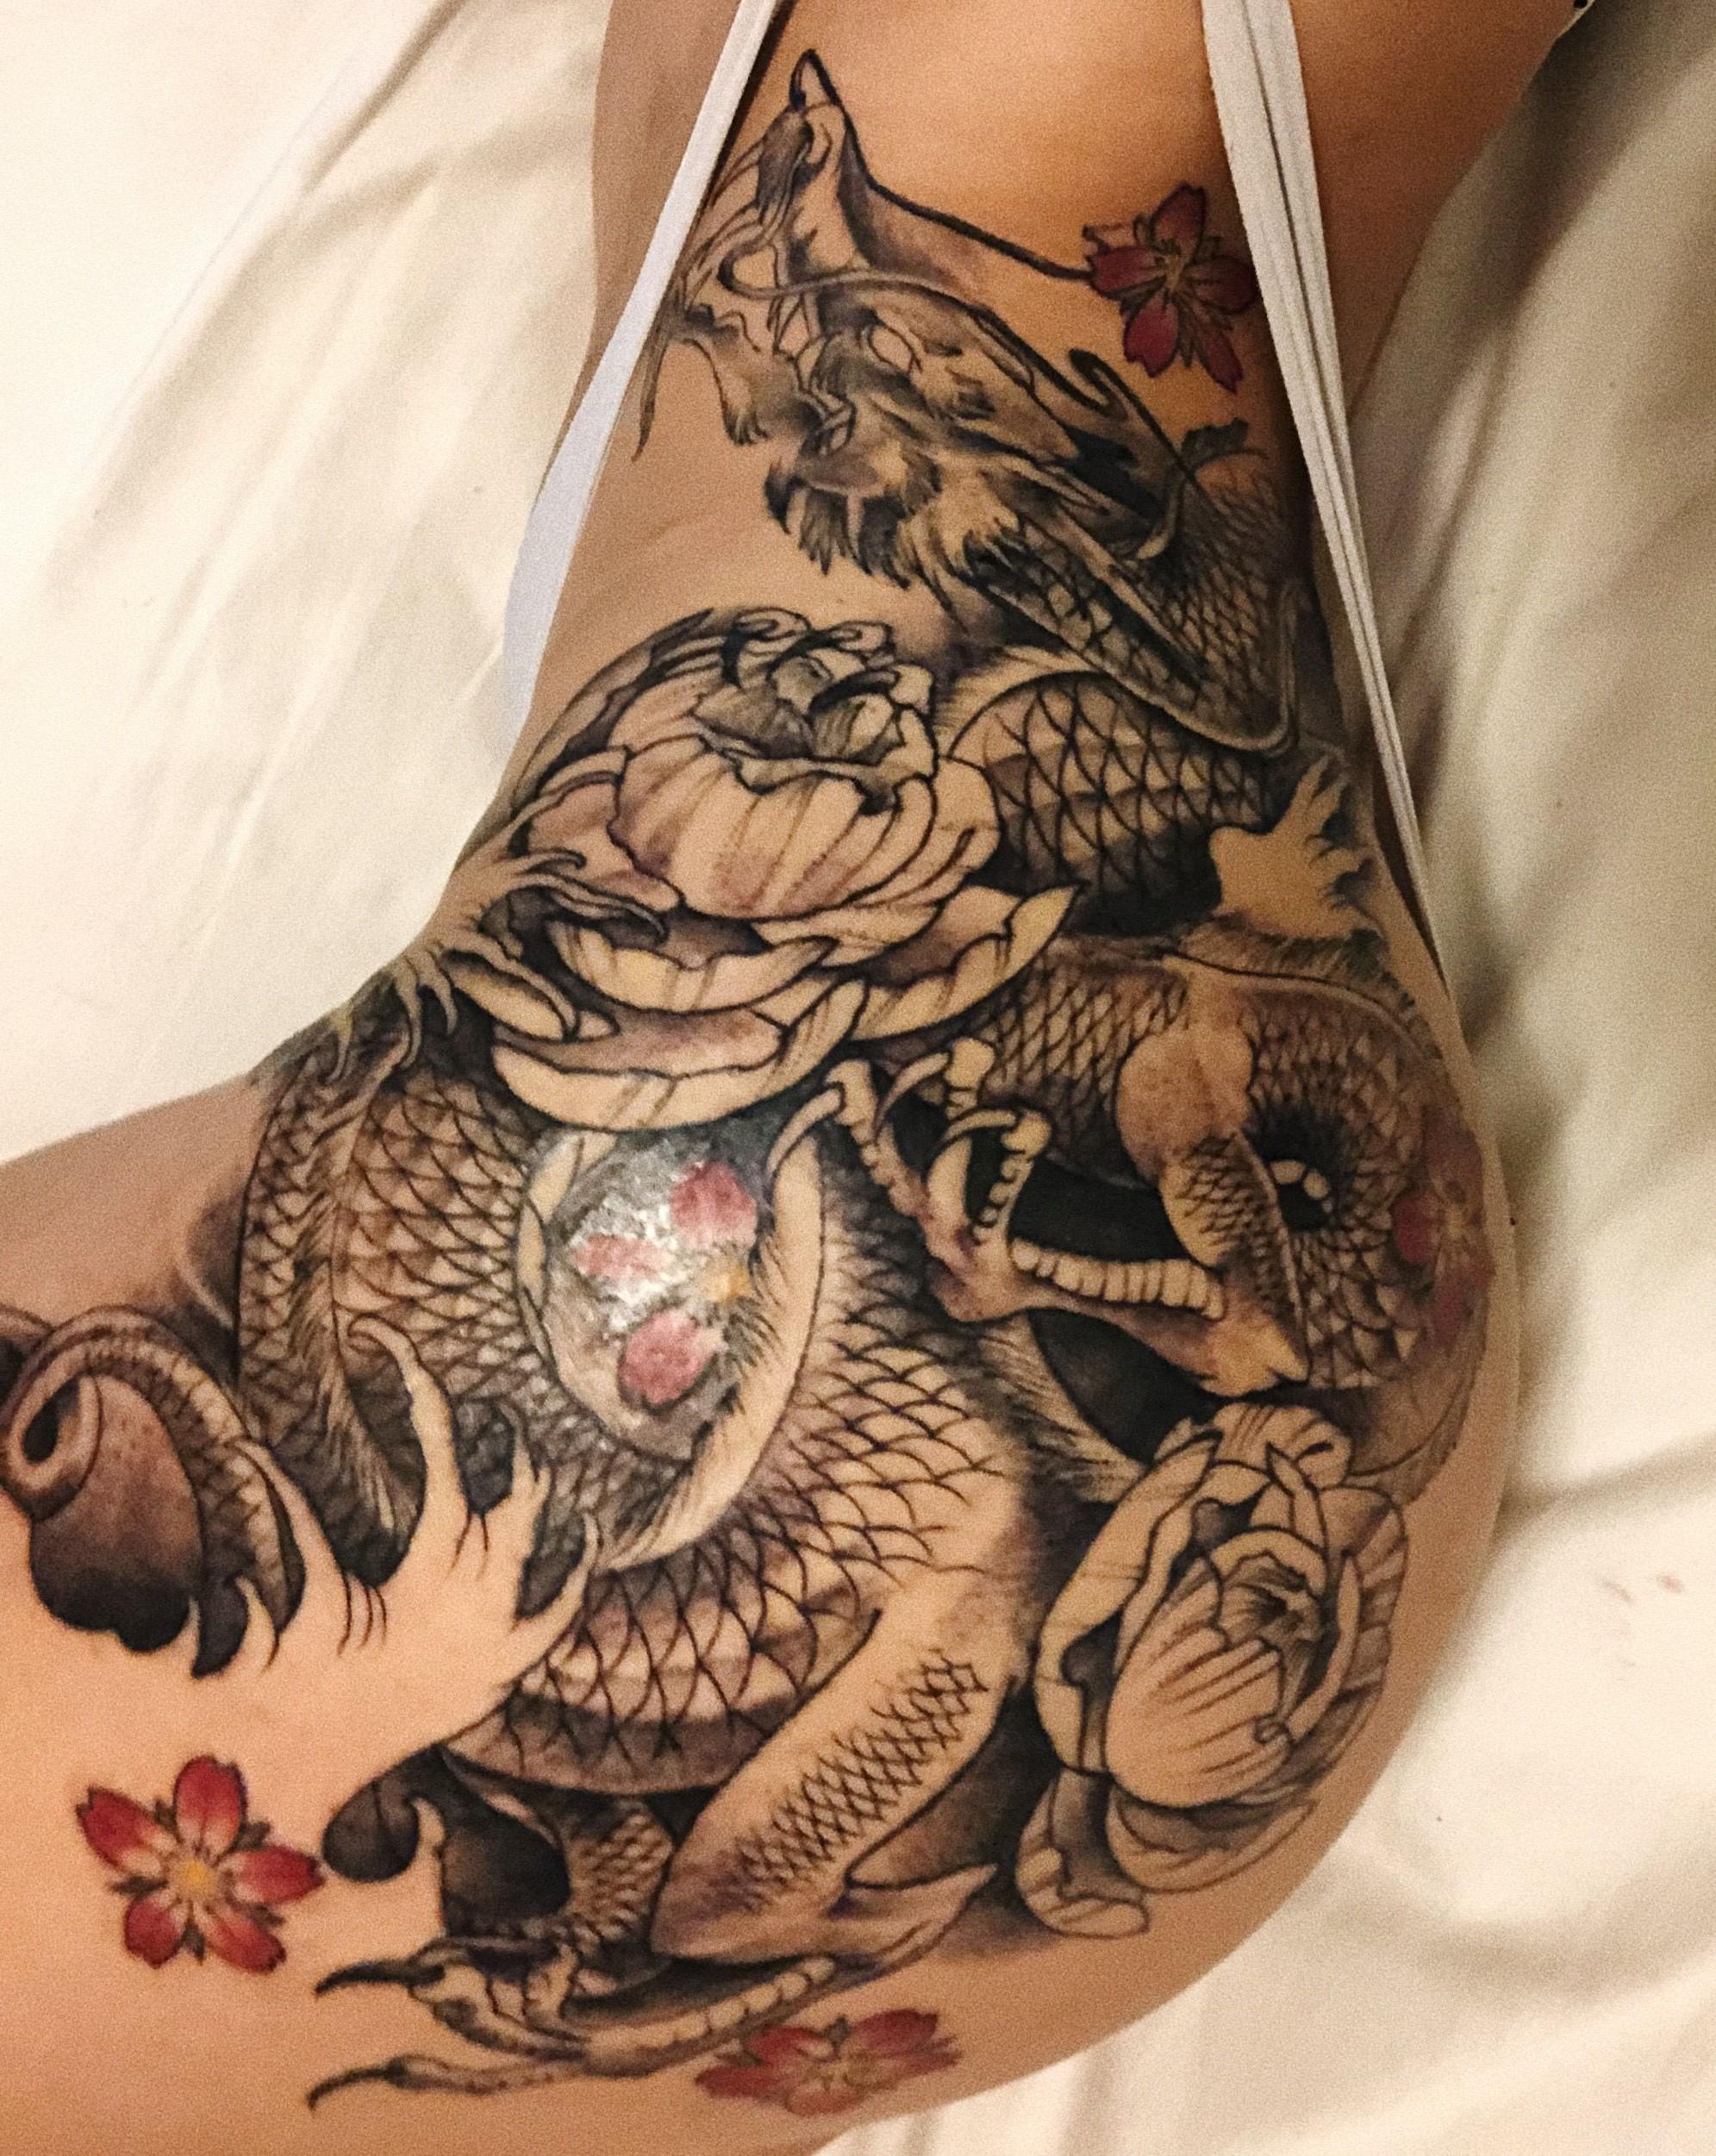 Dragon et fleurs dans une combinaison étonnante.